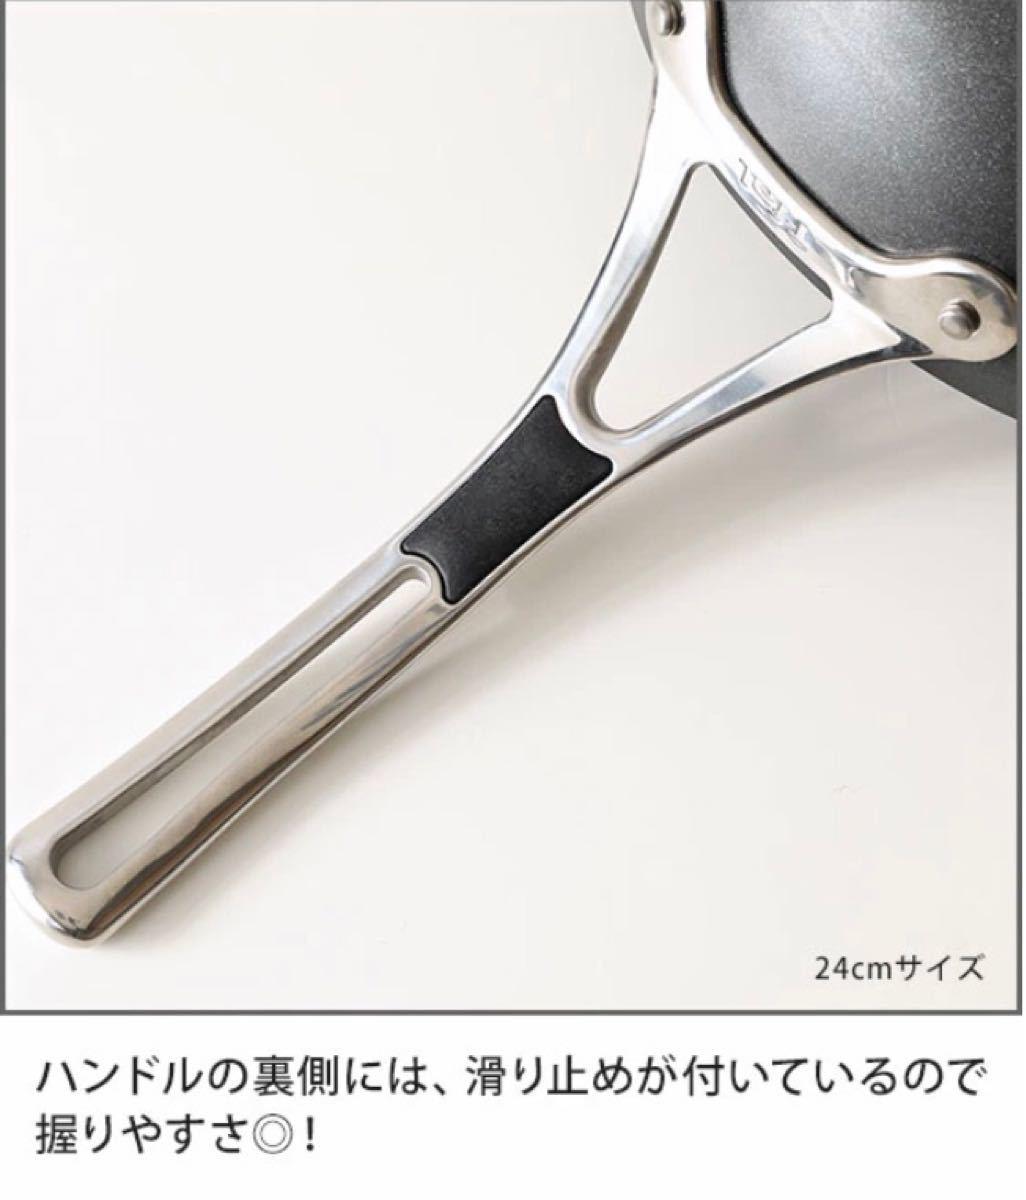 フライパン/ティファール/エクスペリエンス+/T-faL/ih/鍋 24cm